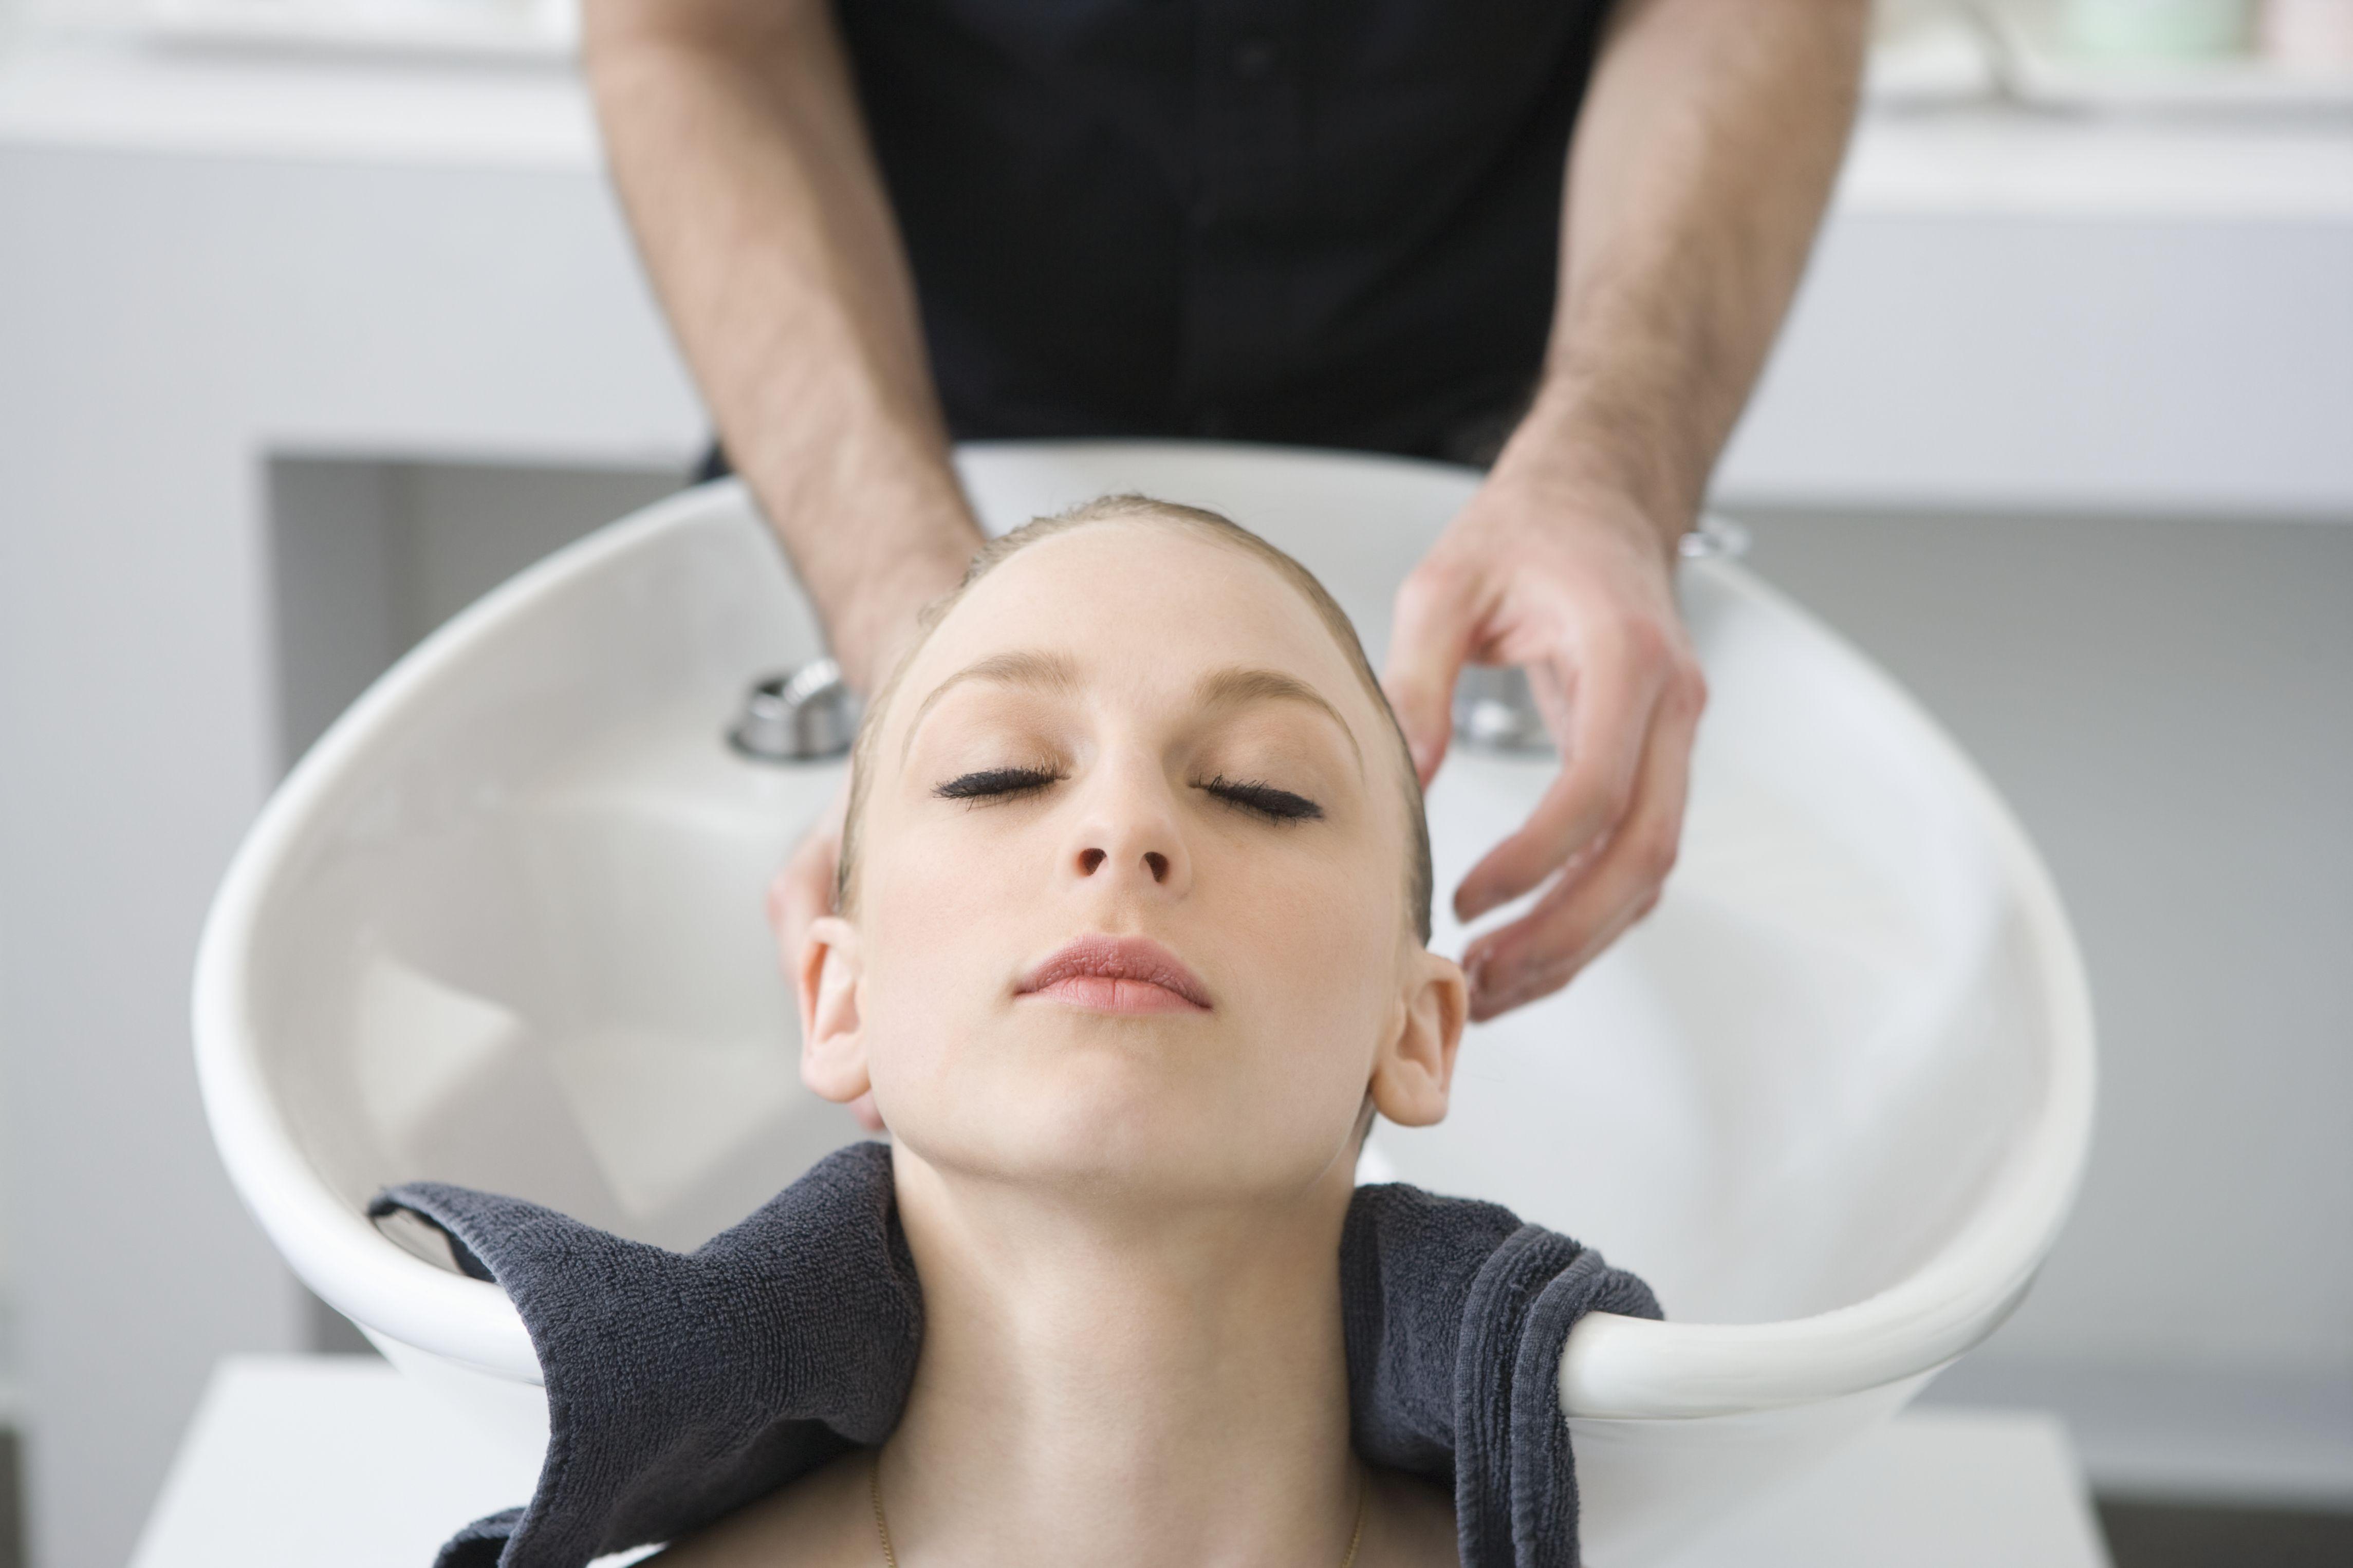 Pige får vasket hår af mandlig frisør, shopping for fattigrøve (Foto: All Over)